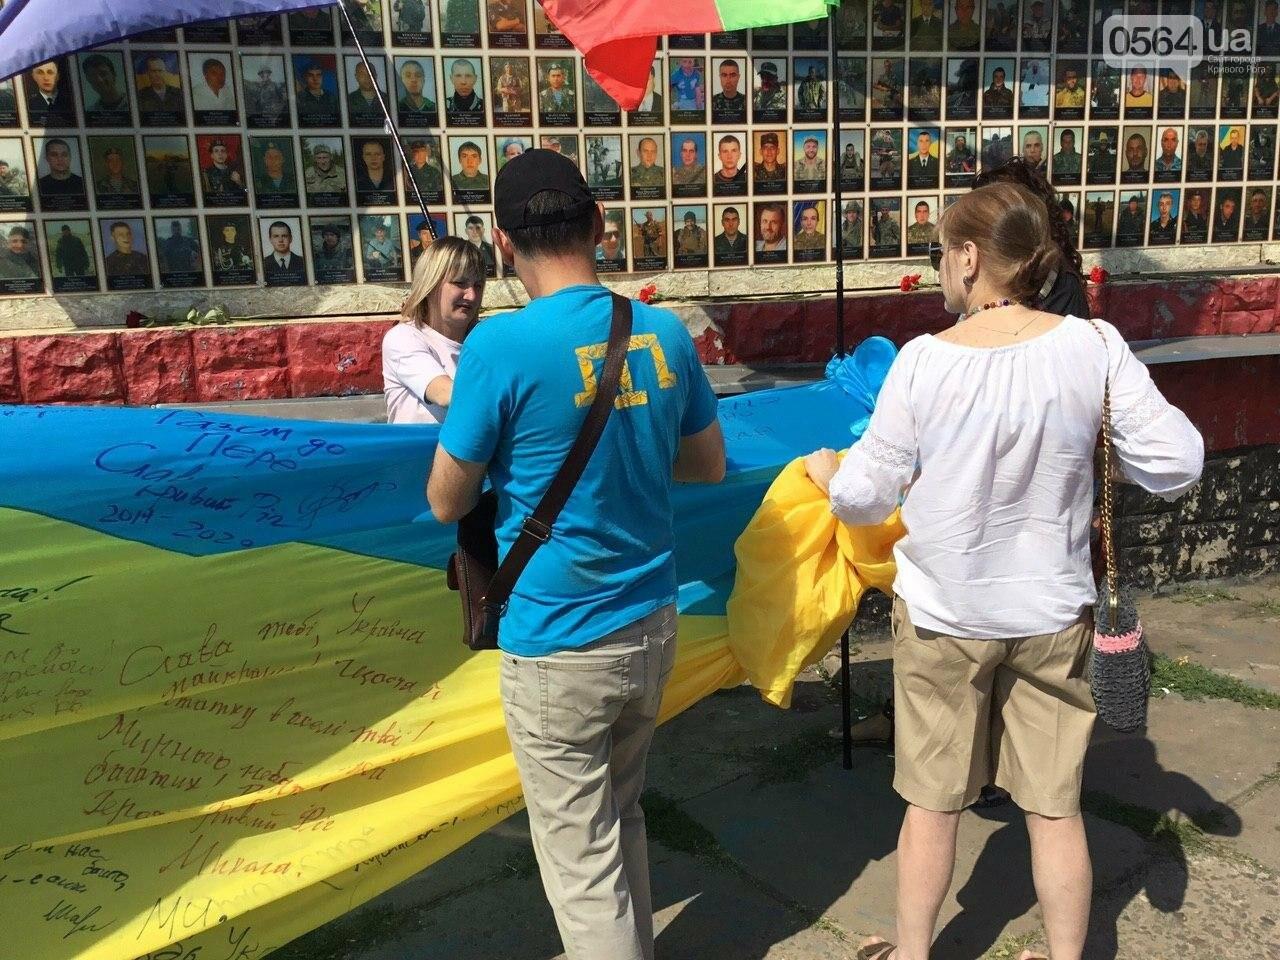 """""""Українці - брати, Разом ми - сила!"""", - какие пожелания и призывы написали криворожане на Знамени Единства, - ФОТО, ВИДЕО, фото-15"""